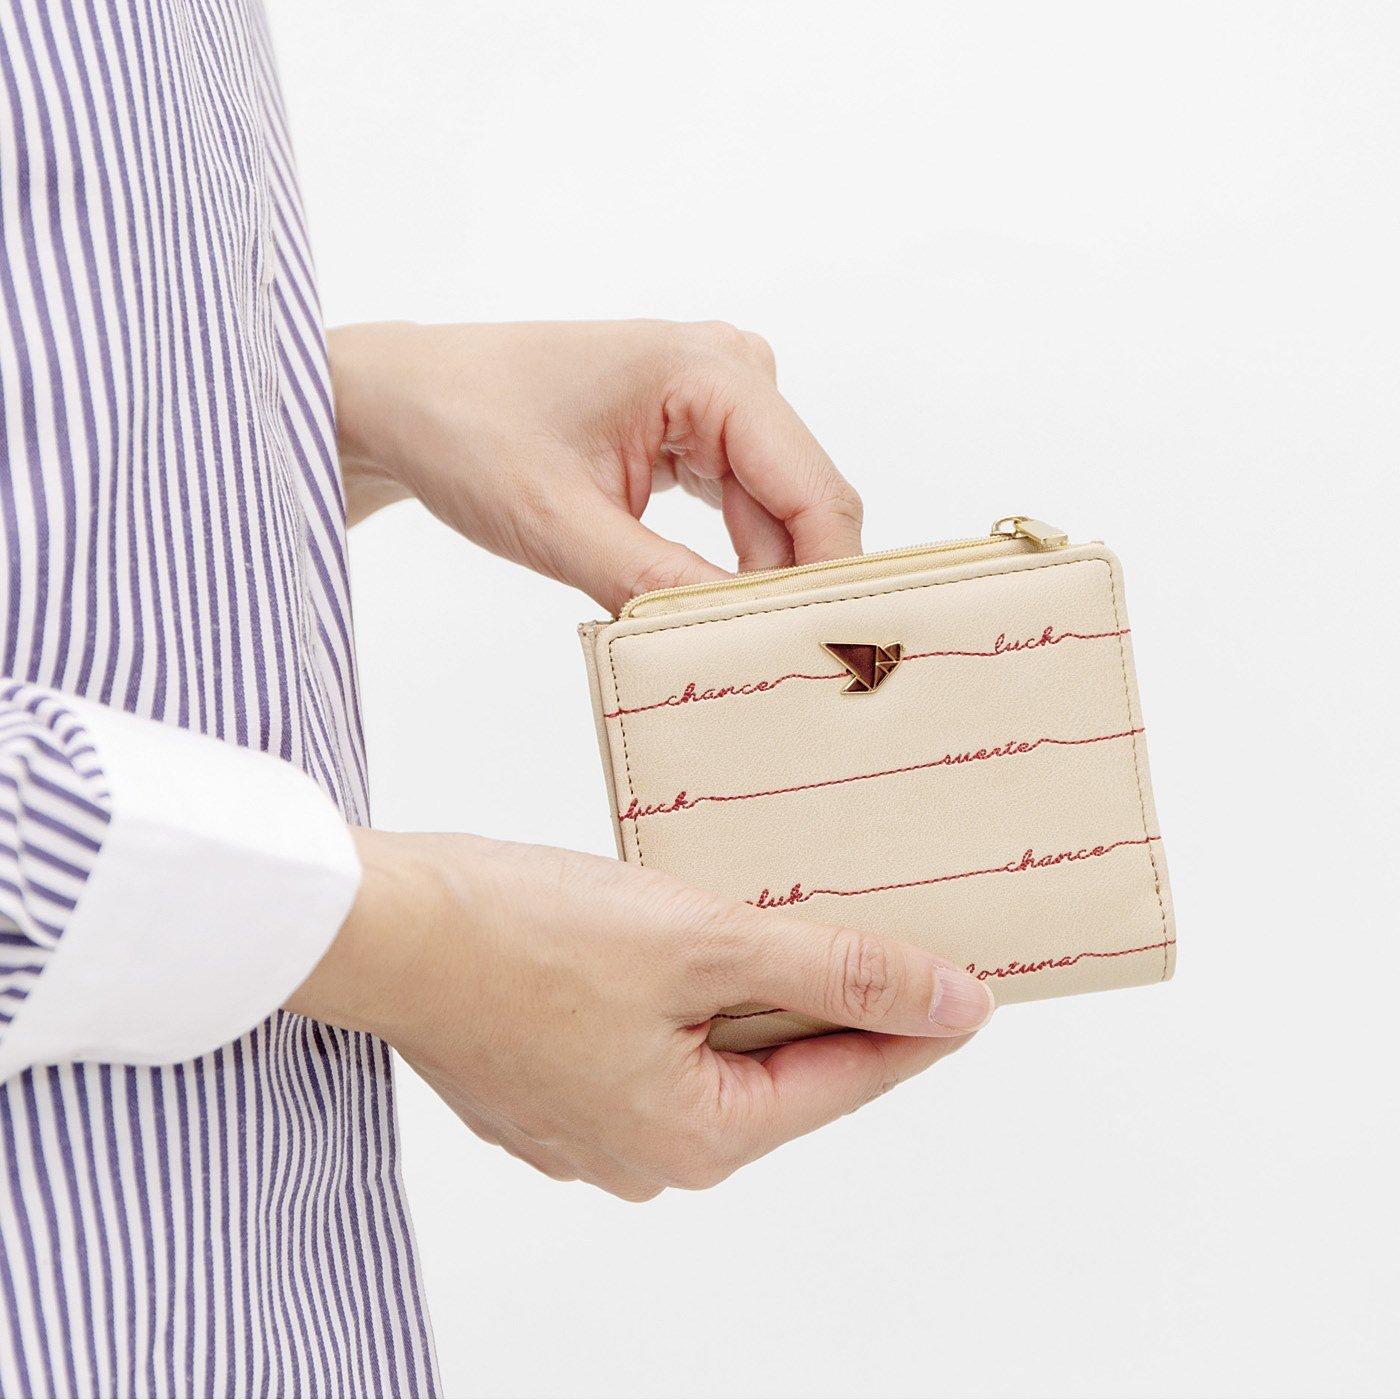 UP.de ポケットに入れて幸運のお守り スリムな二つ折り手のり財布の会